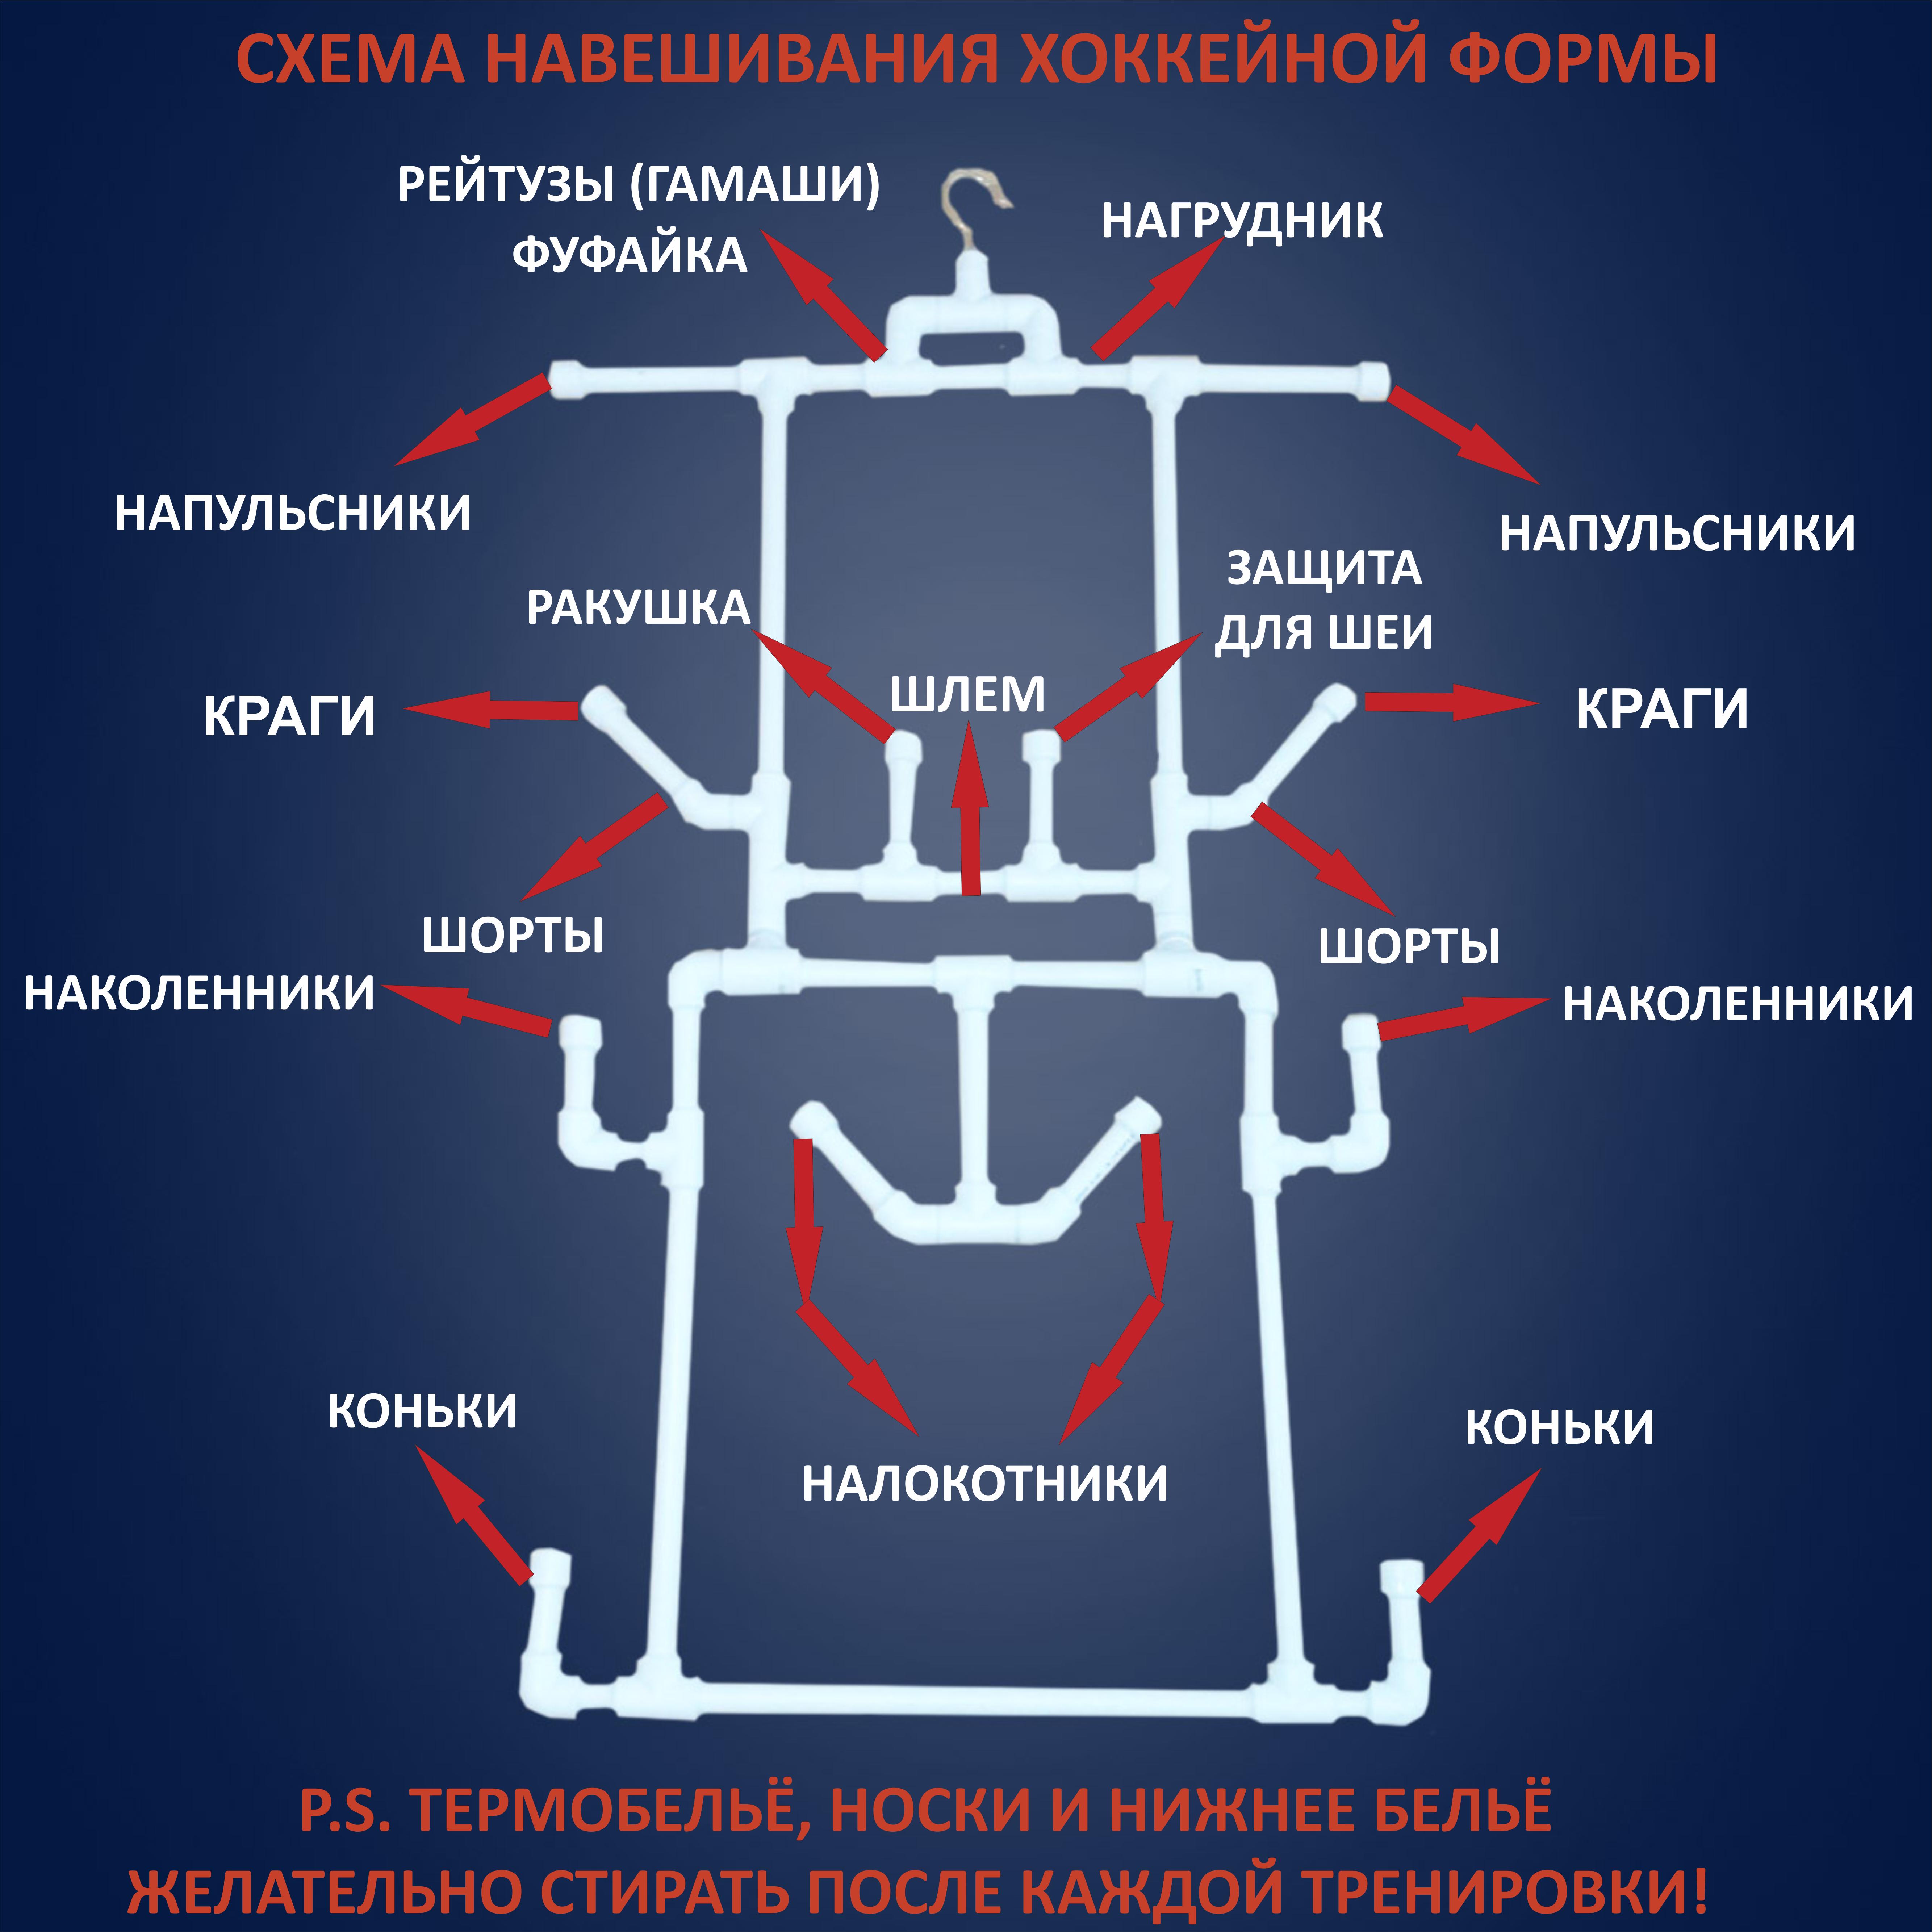 Вешалка дляхоккейной формыиз полипропиленовой трубыКНИЖКА